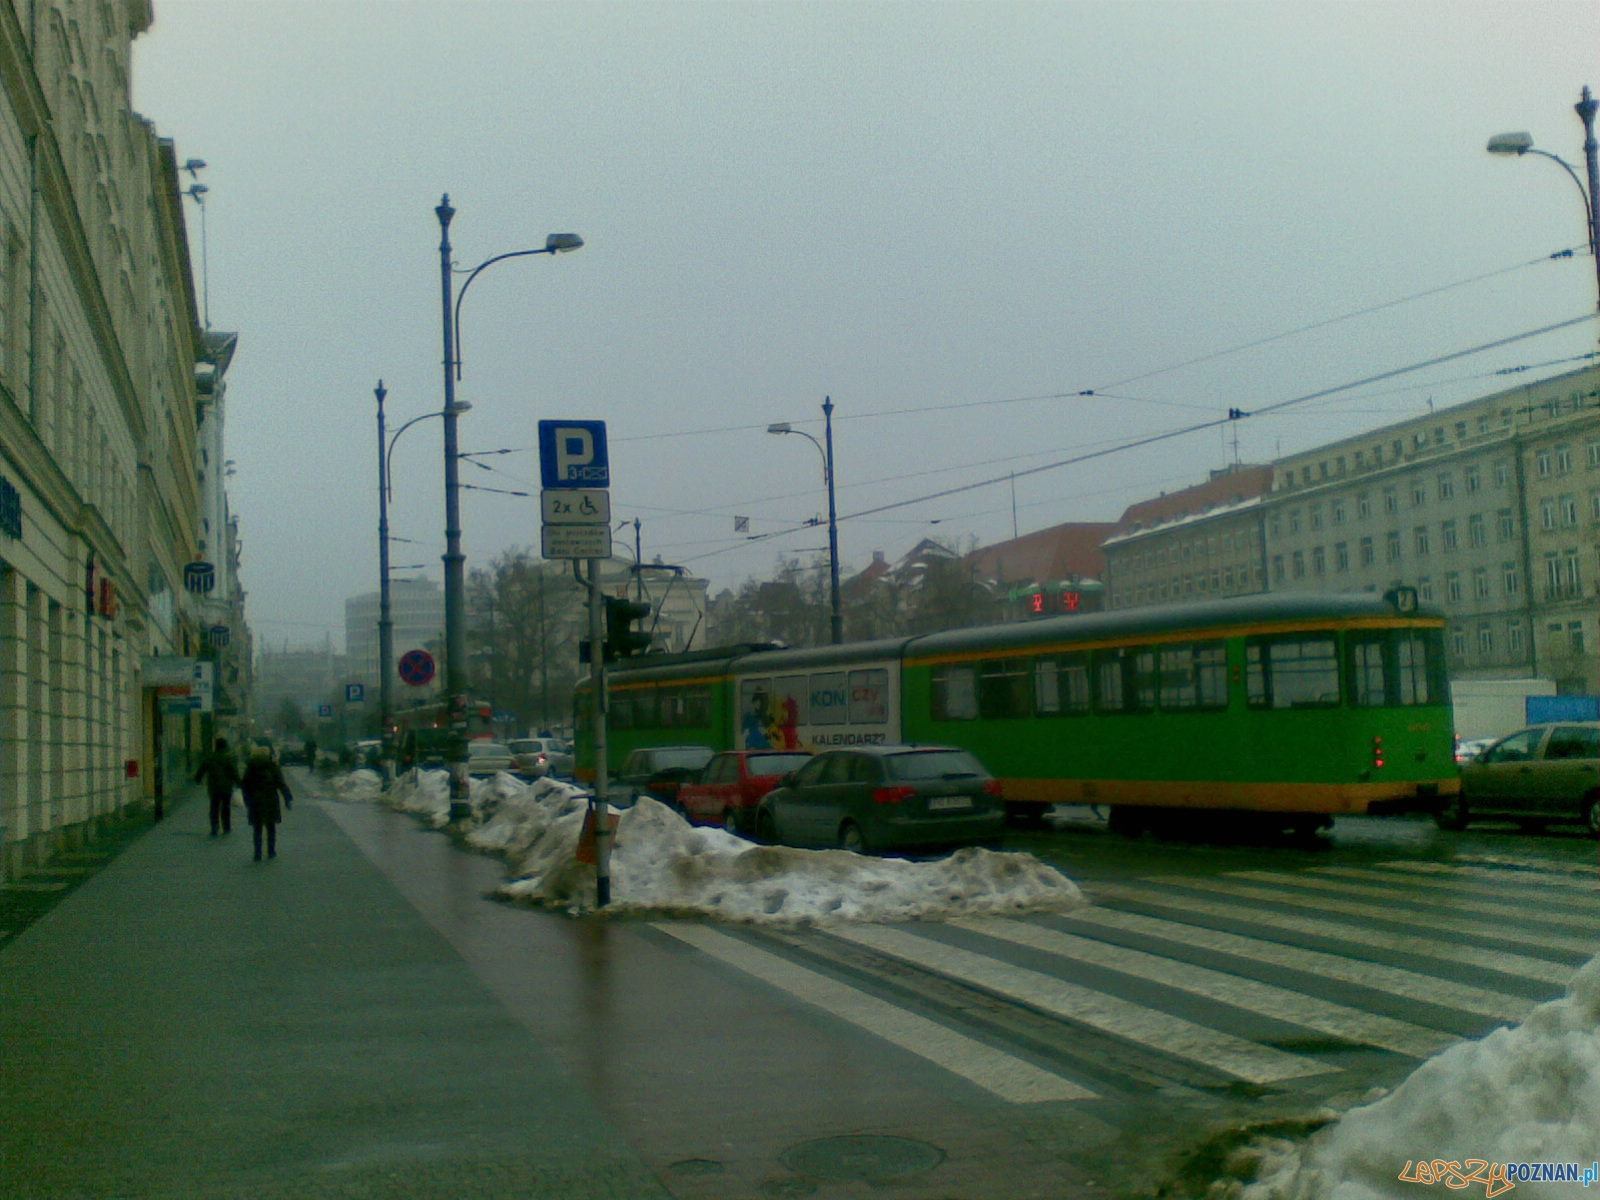 Zablokowane tramwaje na placu Wolności i Alejach Marcinkowskiego  Foto: gsm